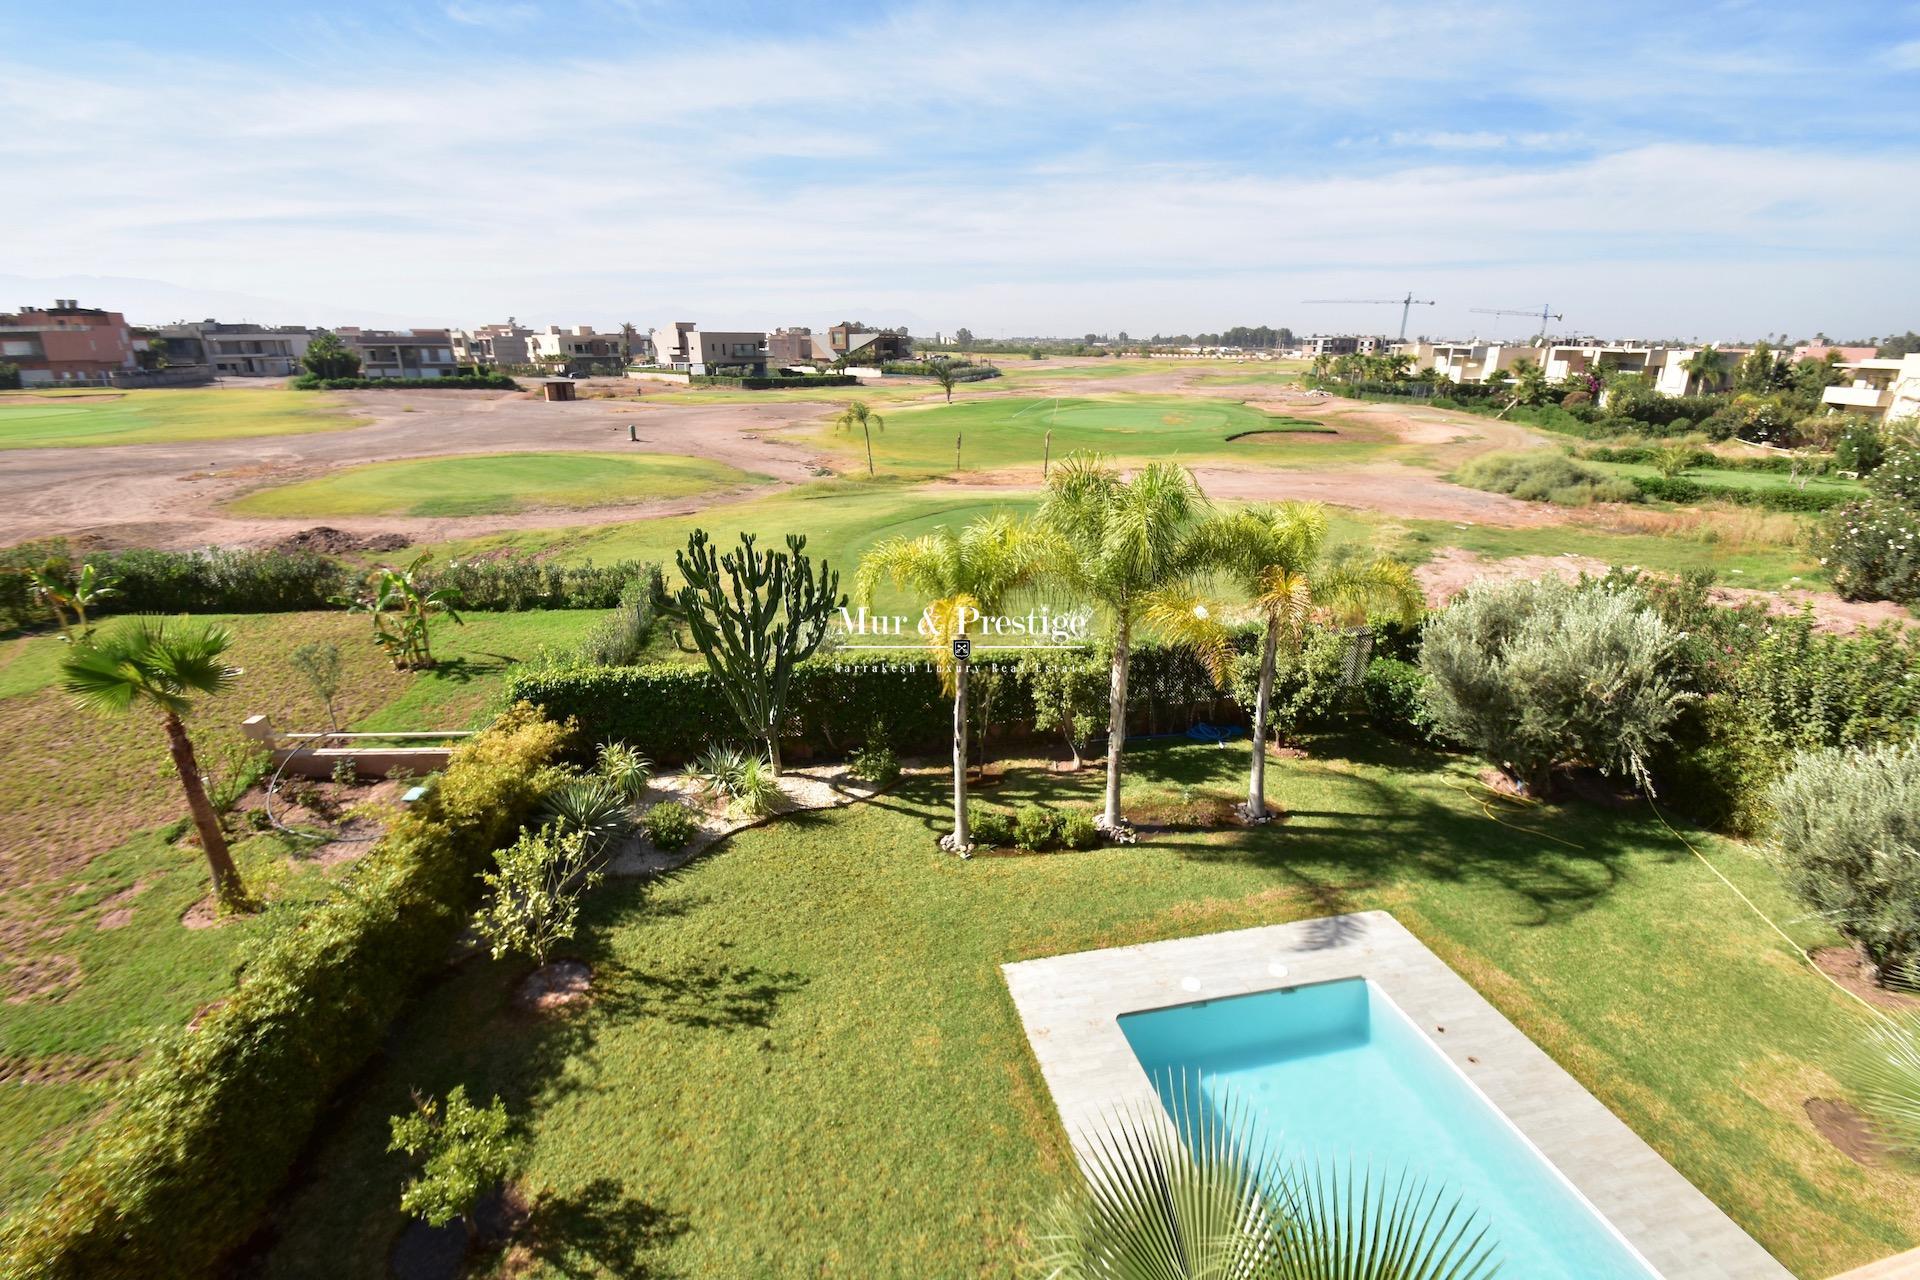 Maison à vendre en première ligne de golf  à Marrakech